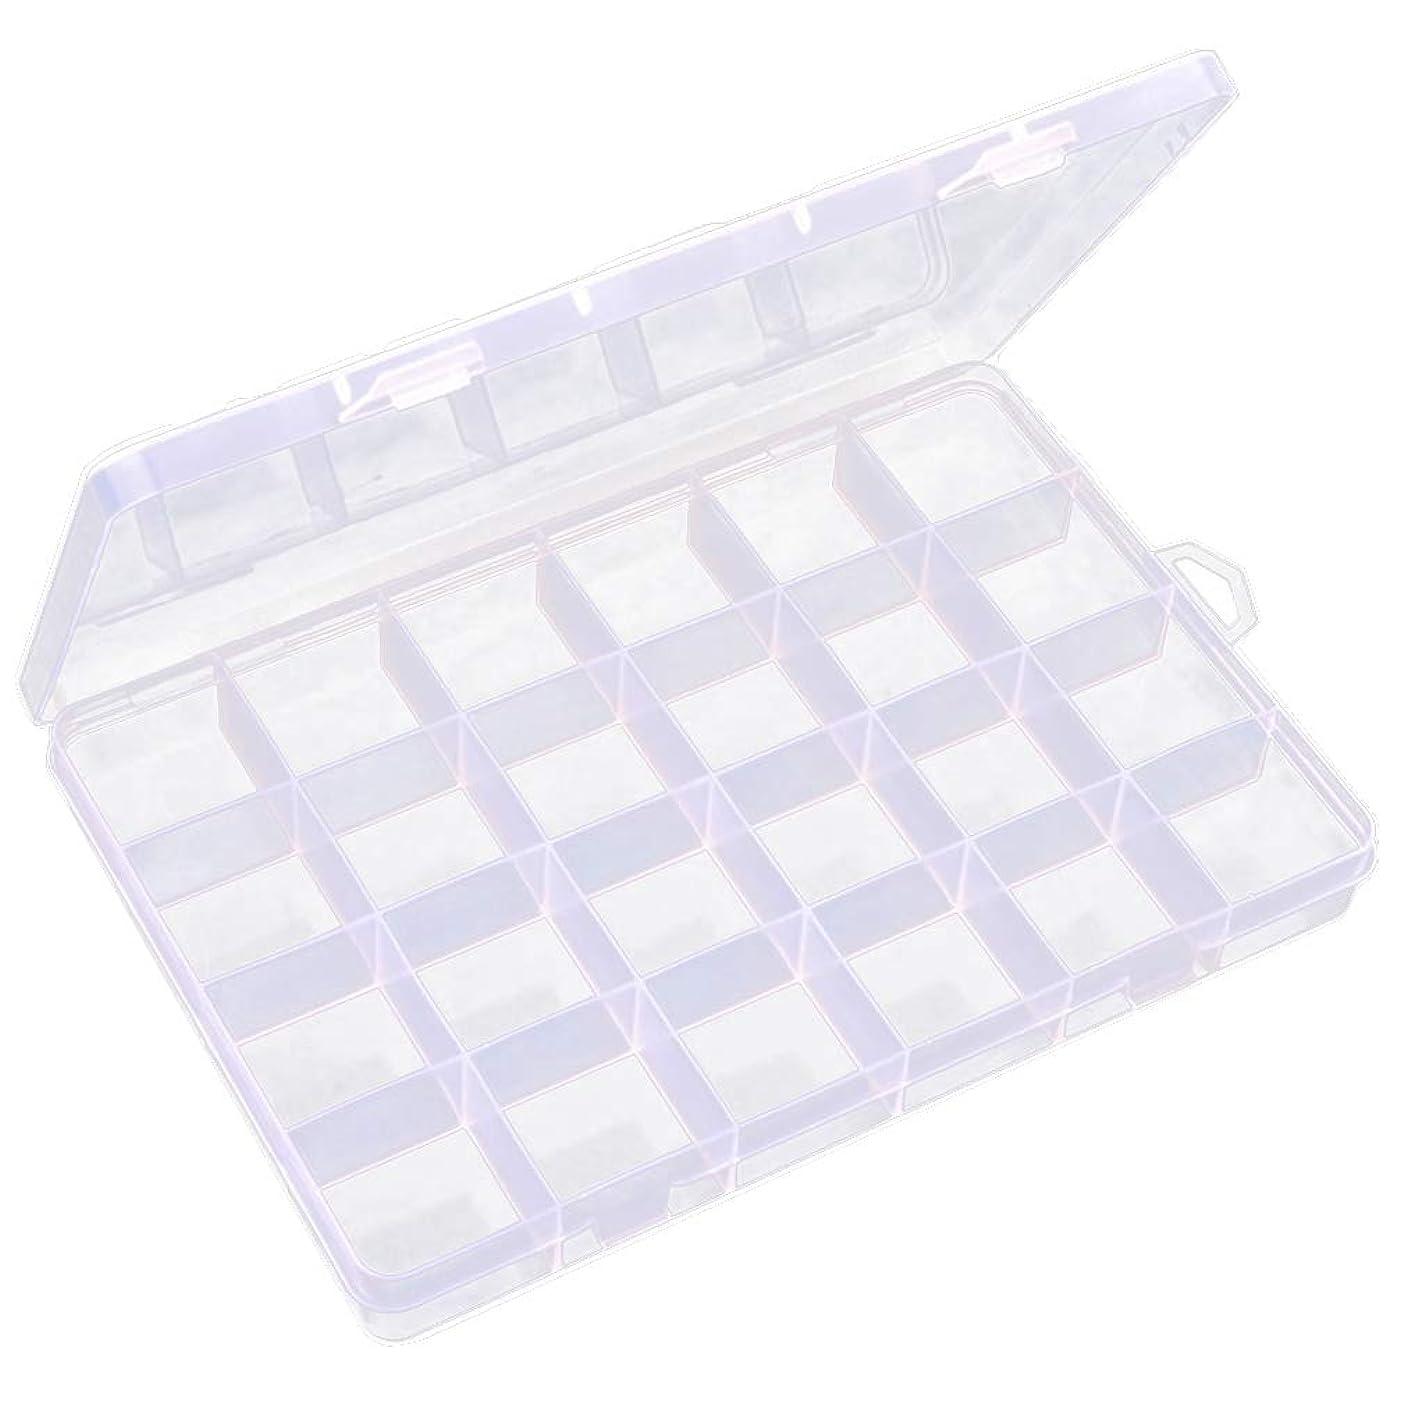 収束する柔らかい足印象派DYNWAVE 透明 ジュエリーボックス ネイルアートケース ビーズ 宝石 小物入れ 収納ボックス 24区画 多機能